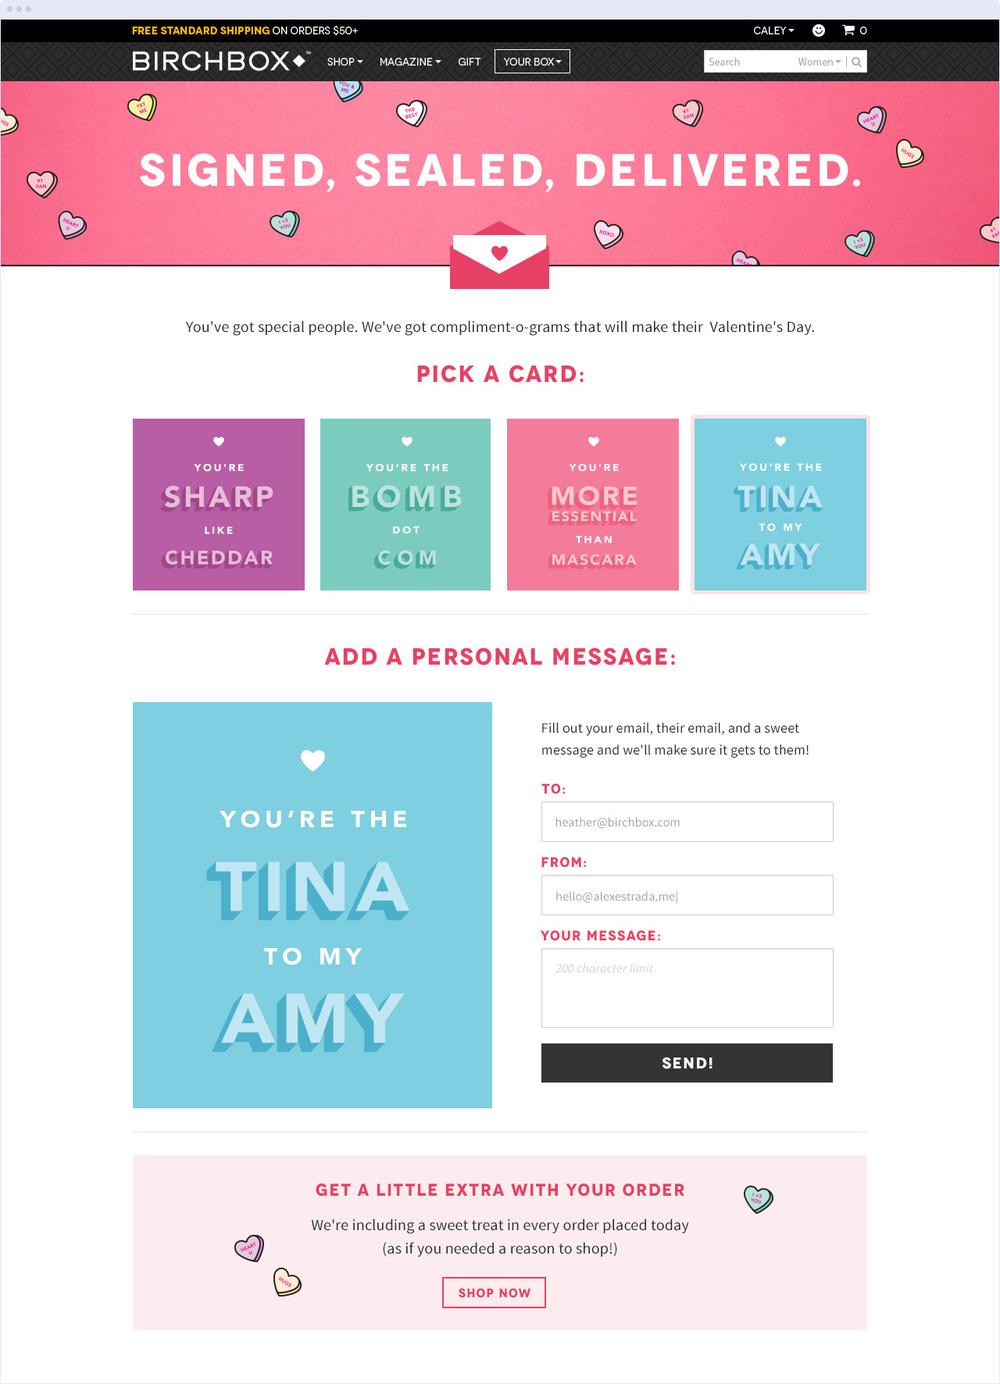 Valentine's Day E-Greeting Site Design